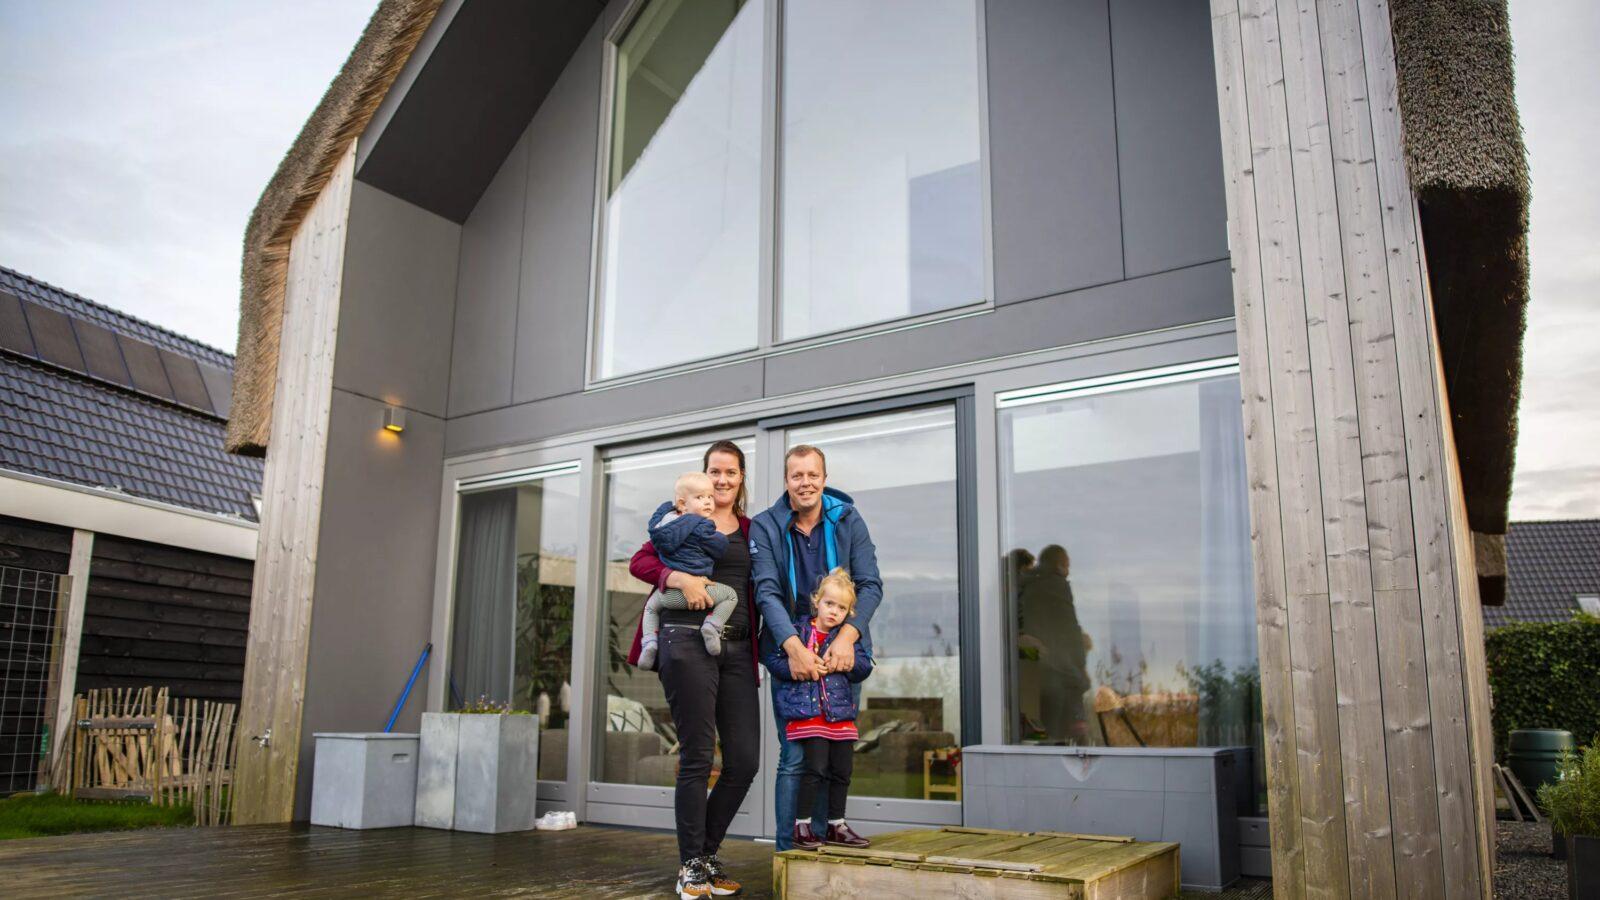 Van bouwen tot wonen: zelfbouw in een nieuw woongebied